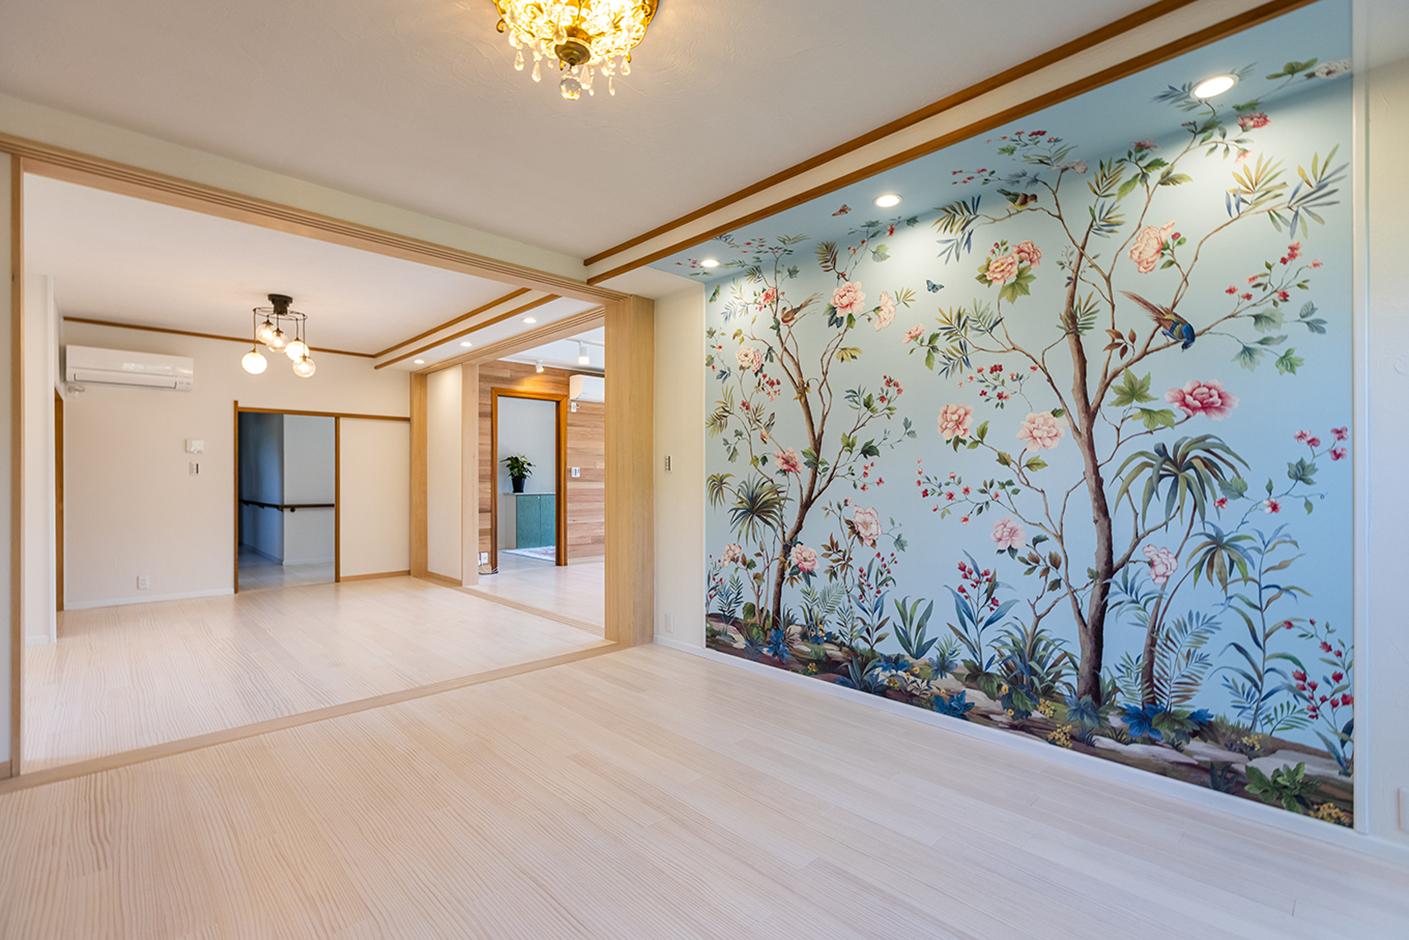 山春建設 奥の部屋は奥さまお気に入りの輸入クロスで、イメージ通りのこだわり空間が実現。好みや暮らしにあわせた部屋づくりのため、幅広い選択肢を用意している